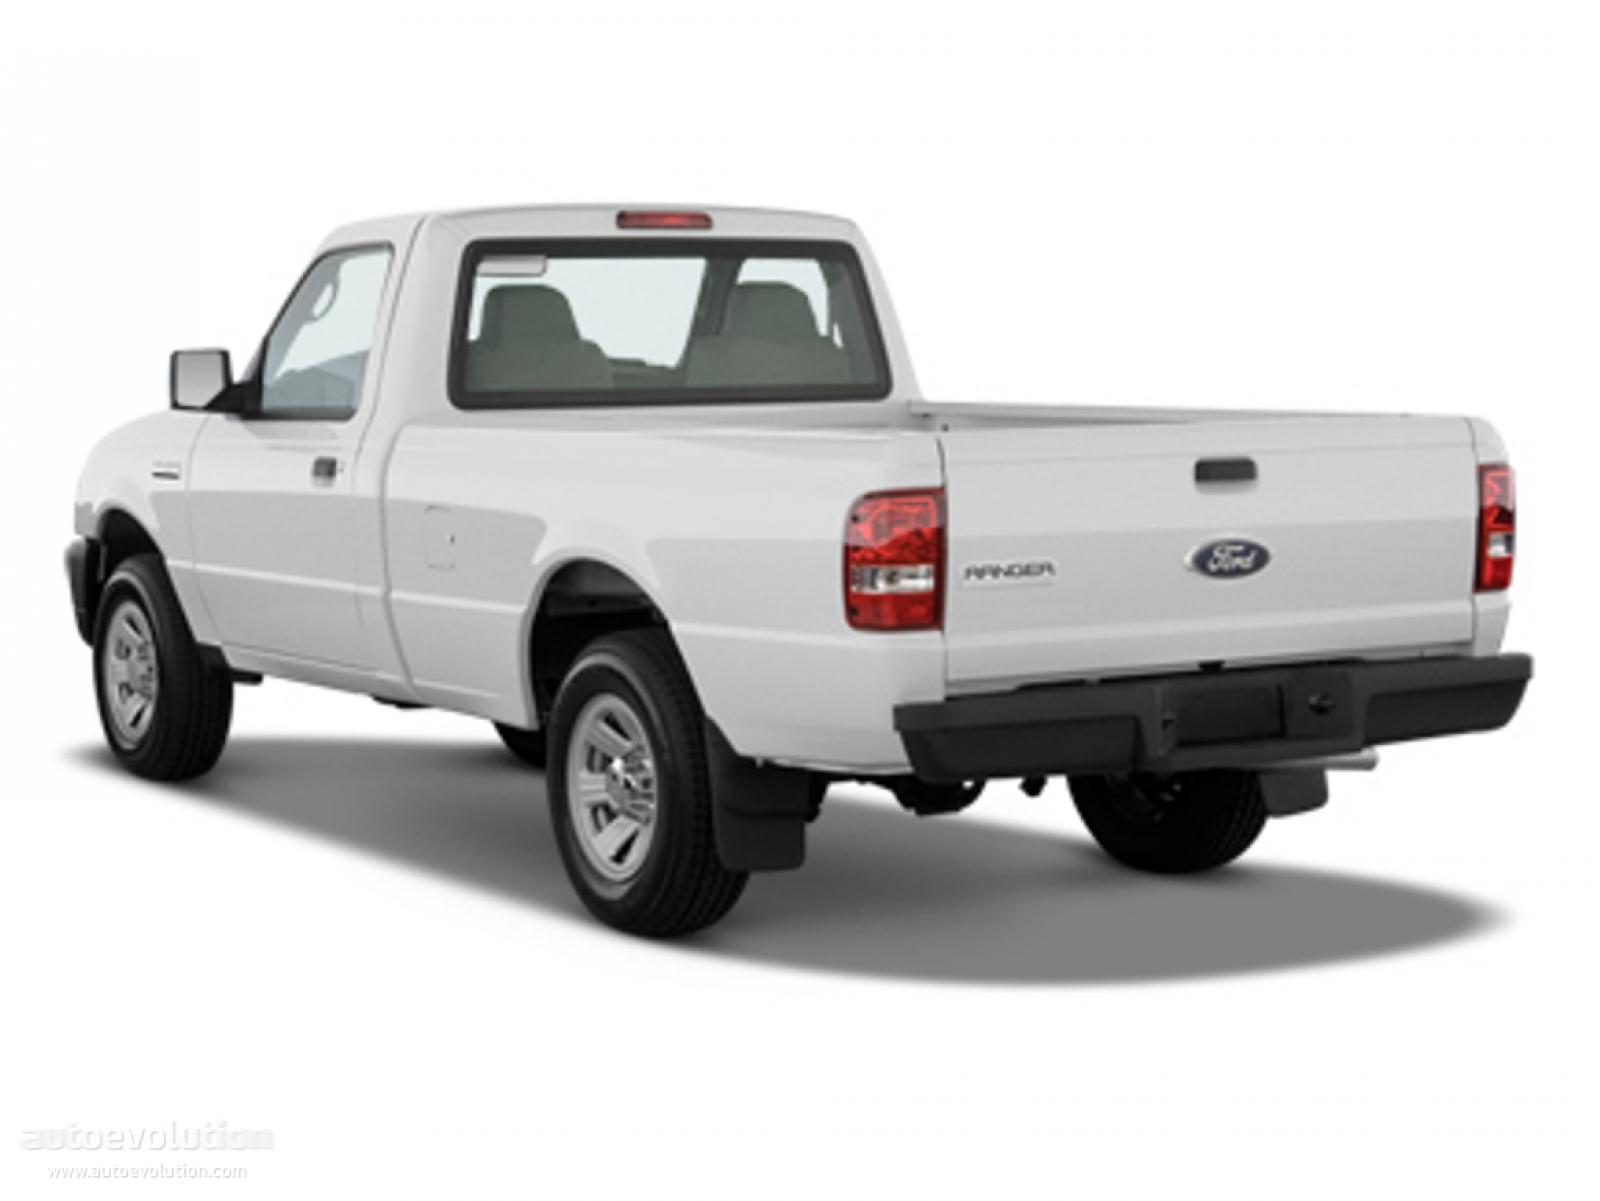 800 1024 1280 1600 origin 2008 ford ranger